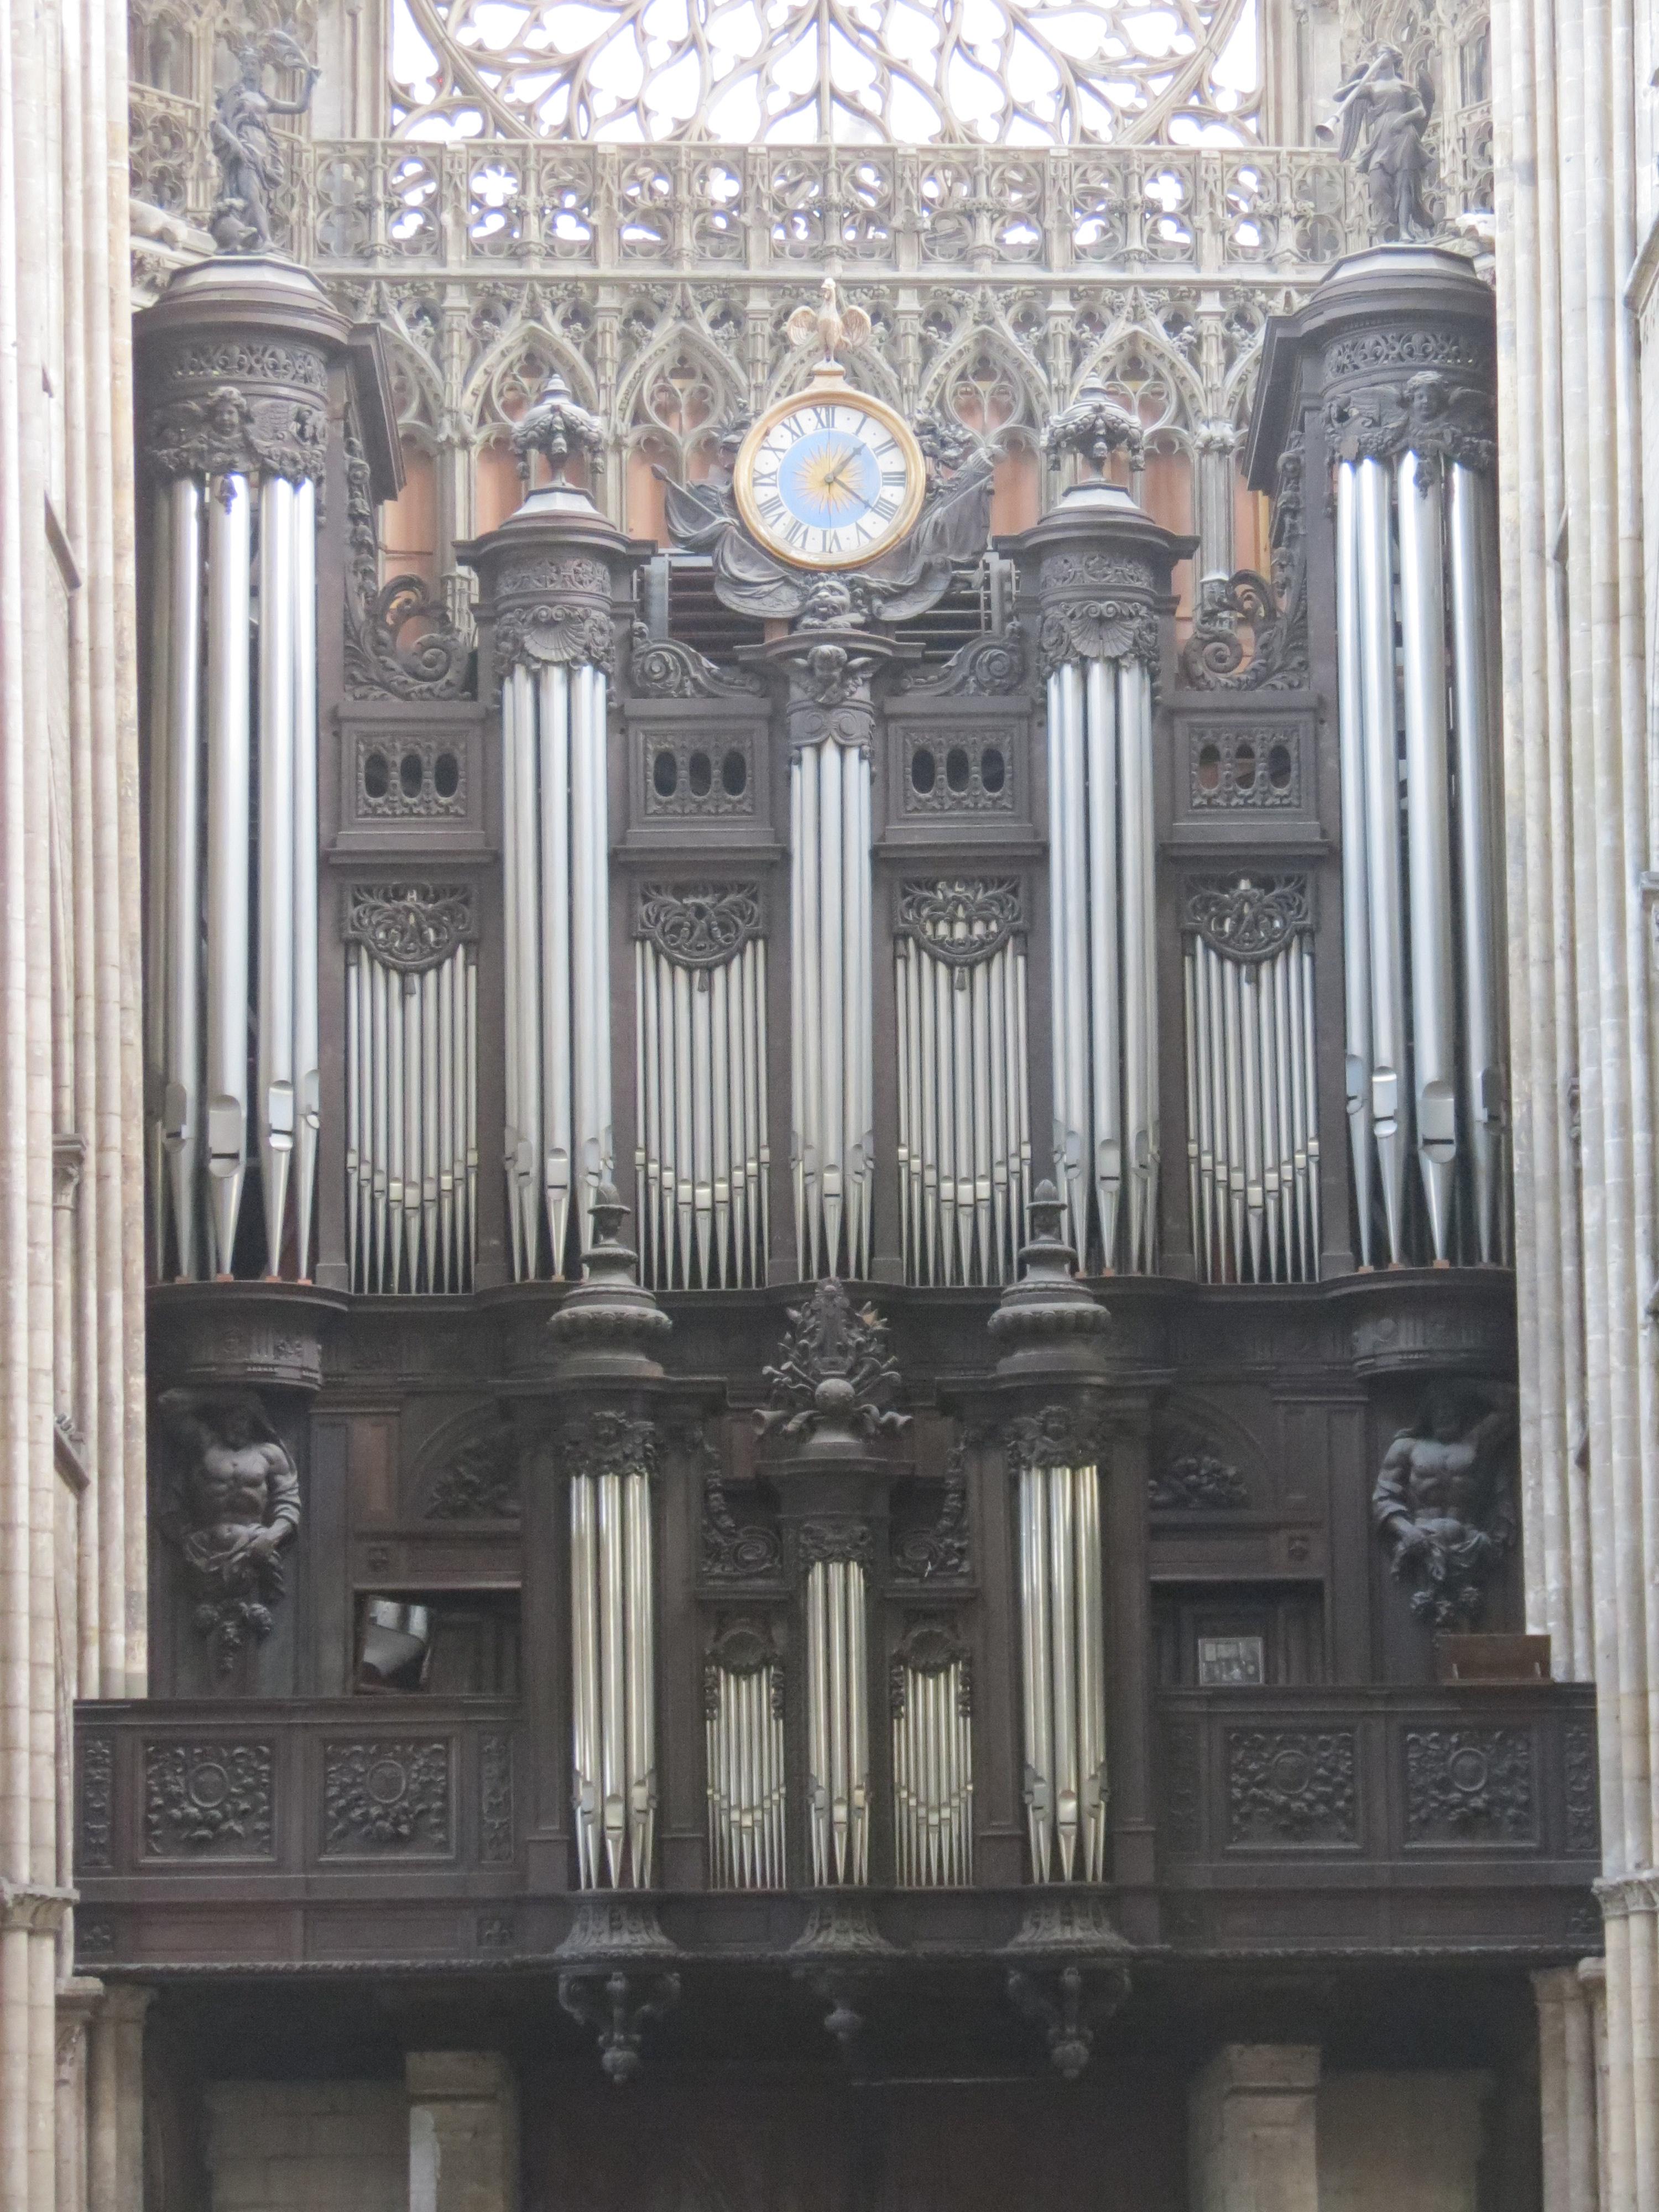 Les 4 Pieds Rouen musique dans la cathédrale de rouen — wikipédia